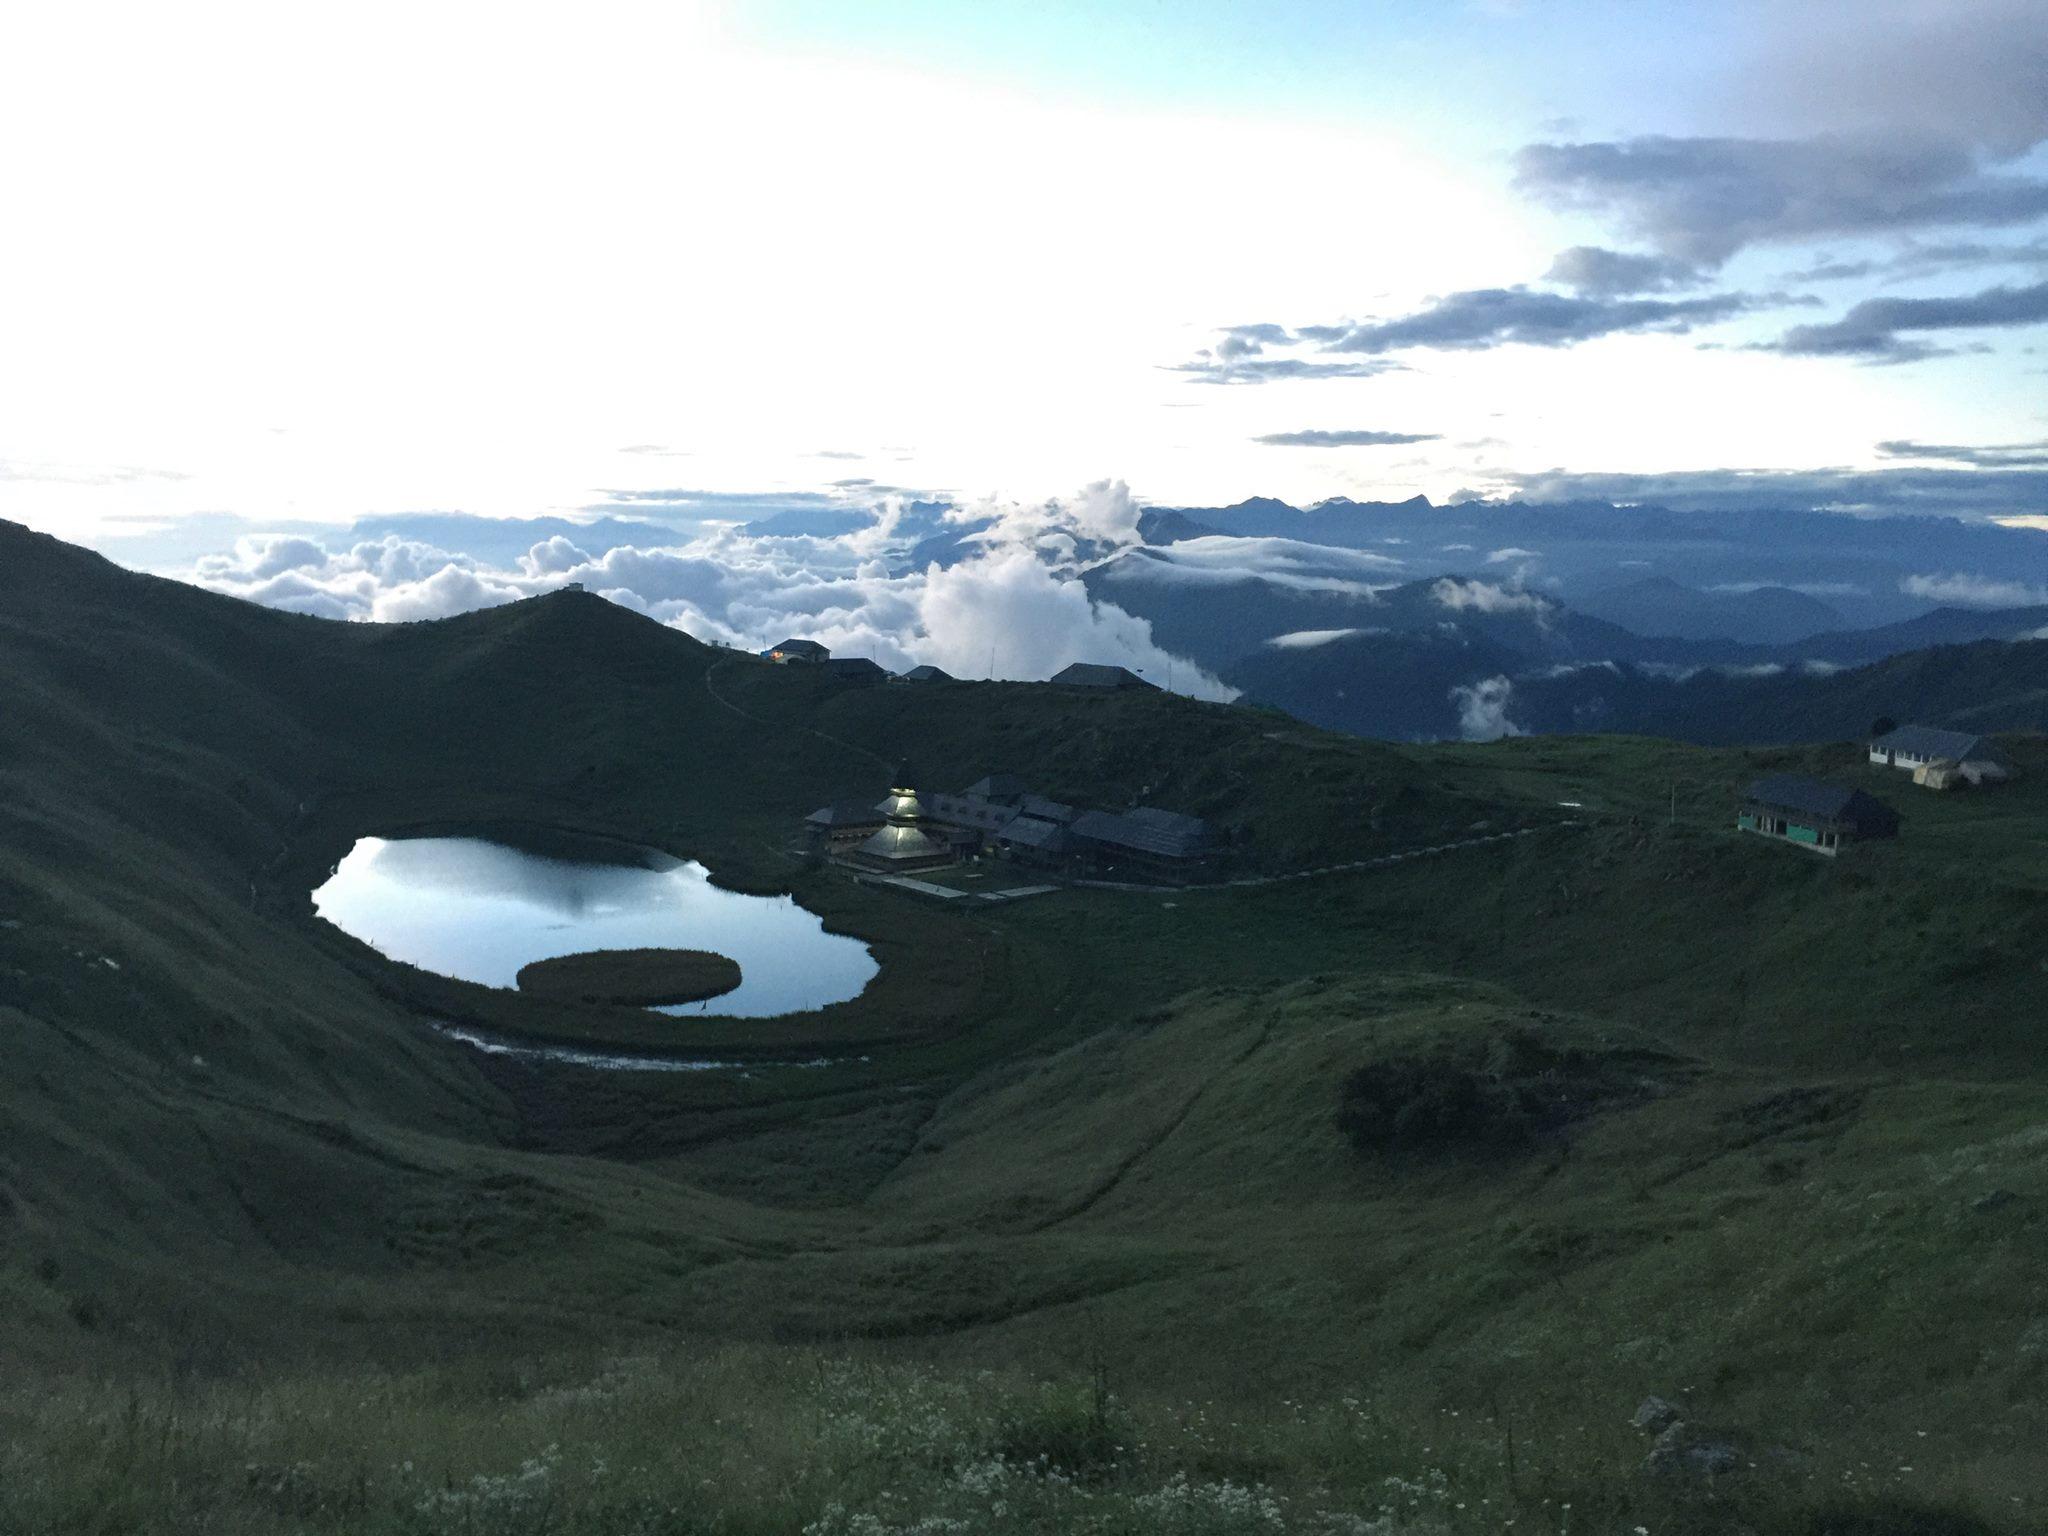 Prashar Rishi Lake